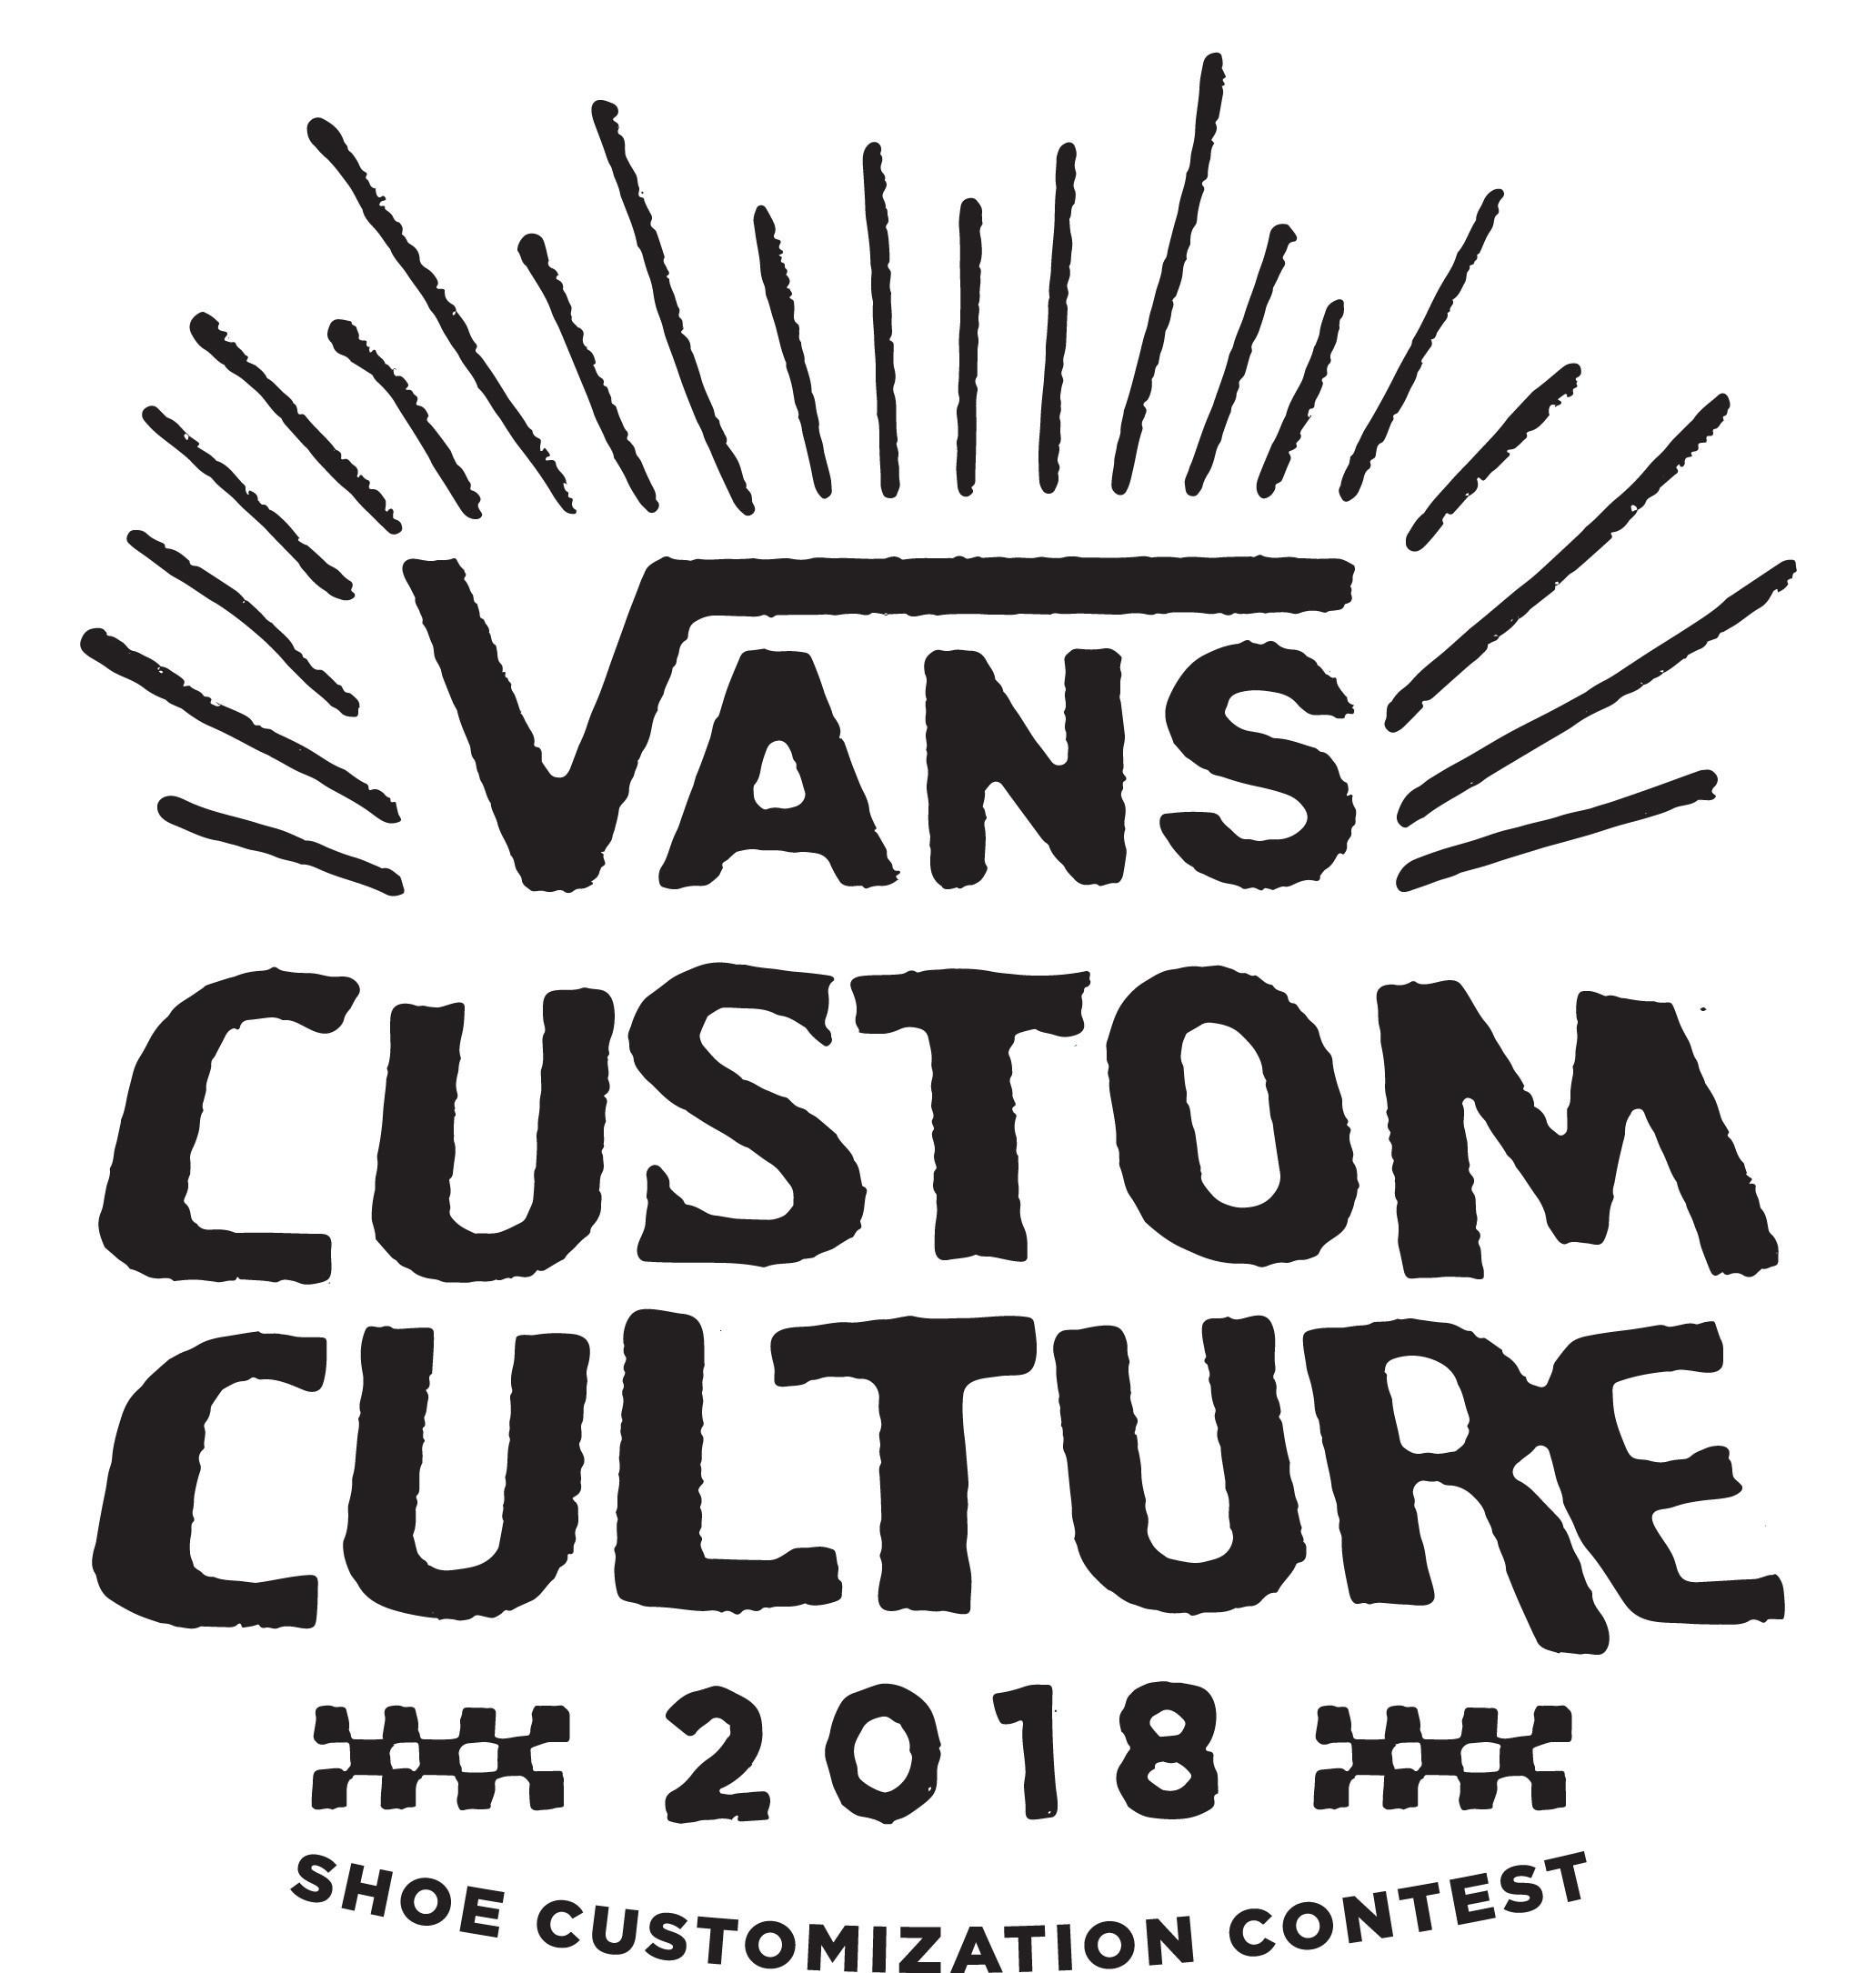 Vans Custom Culture